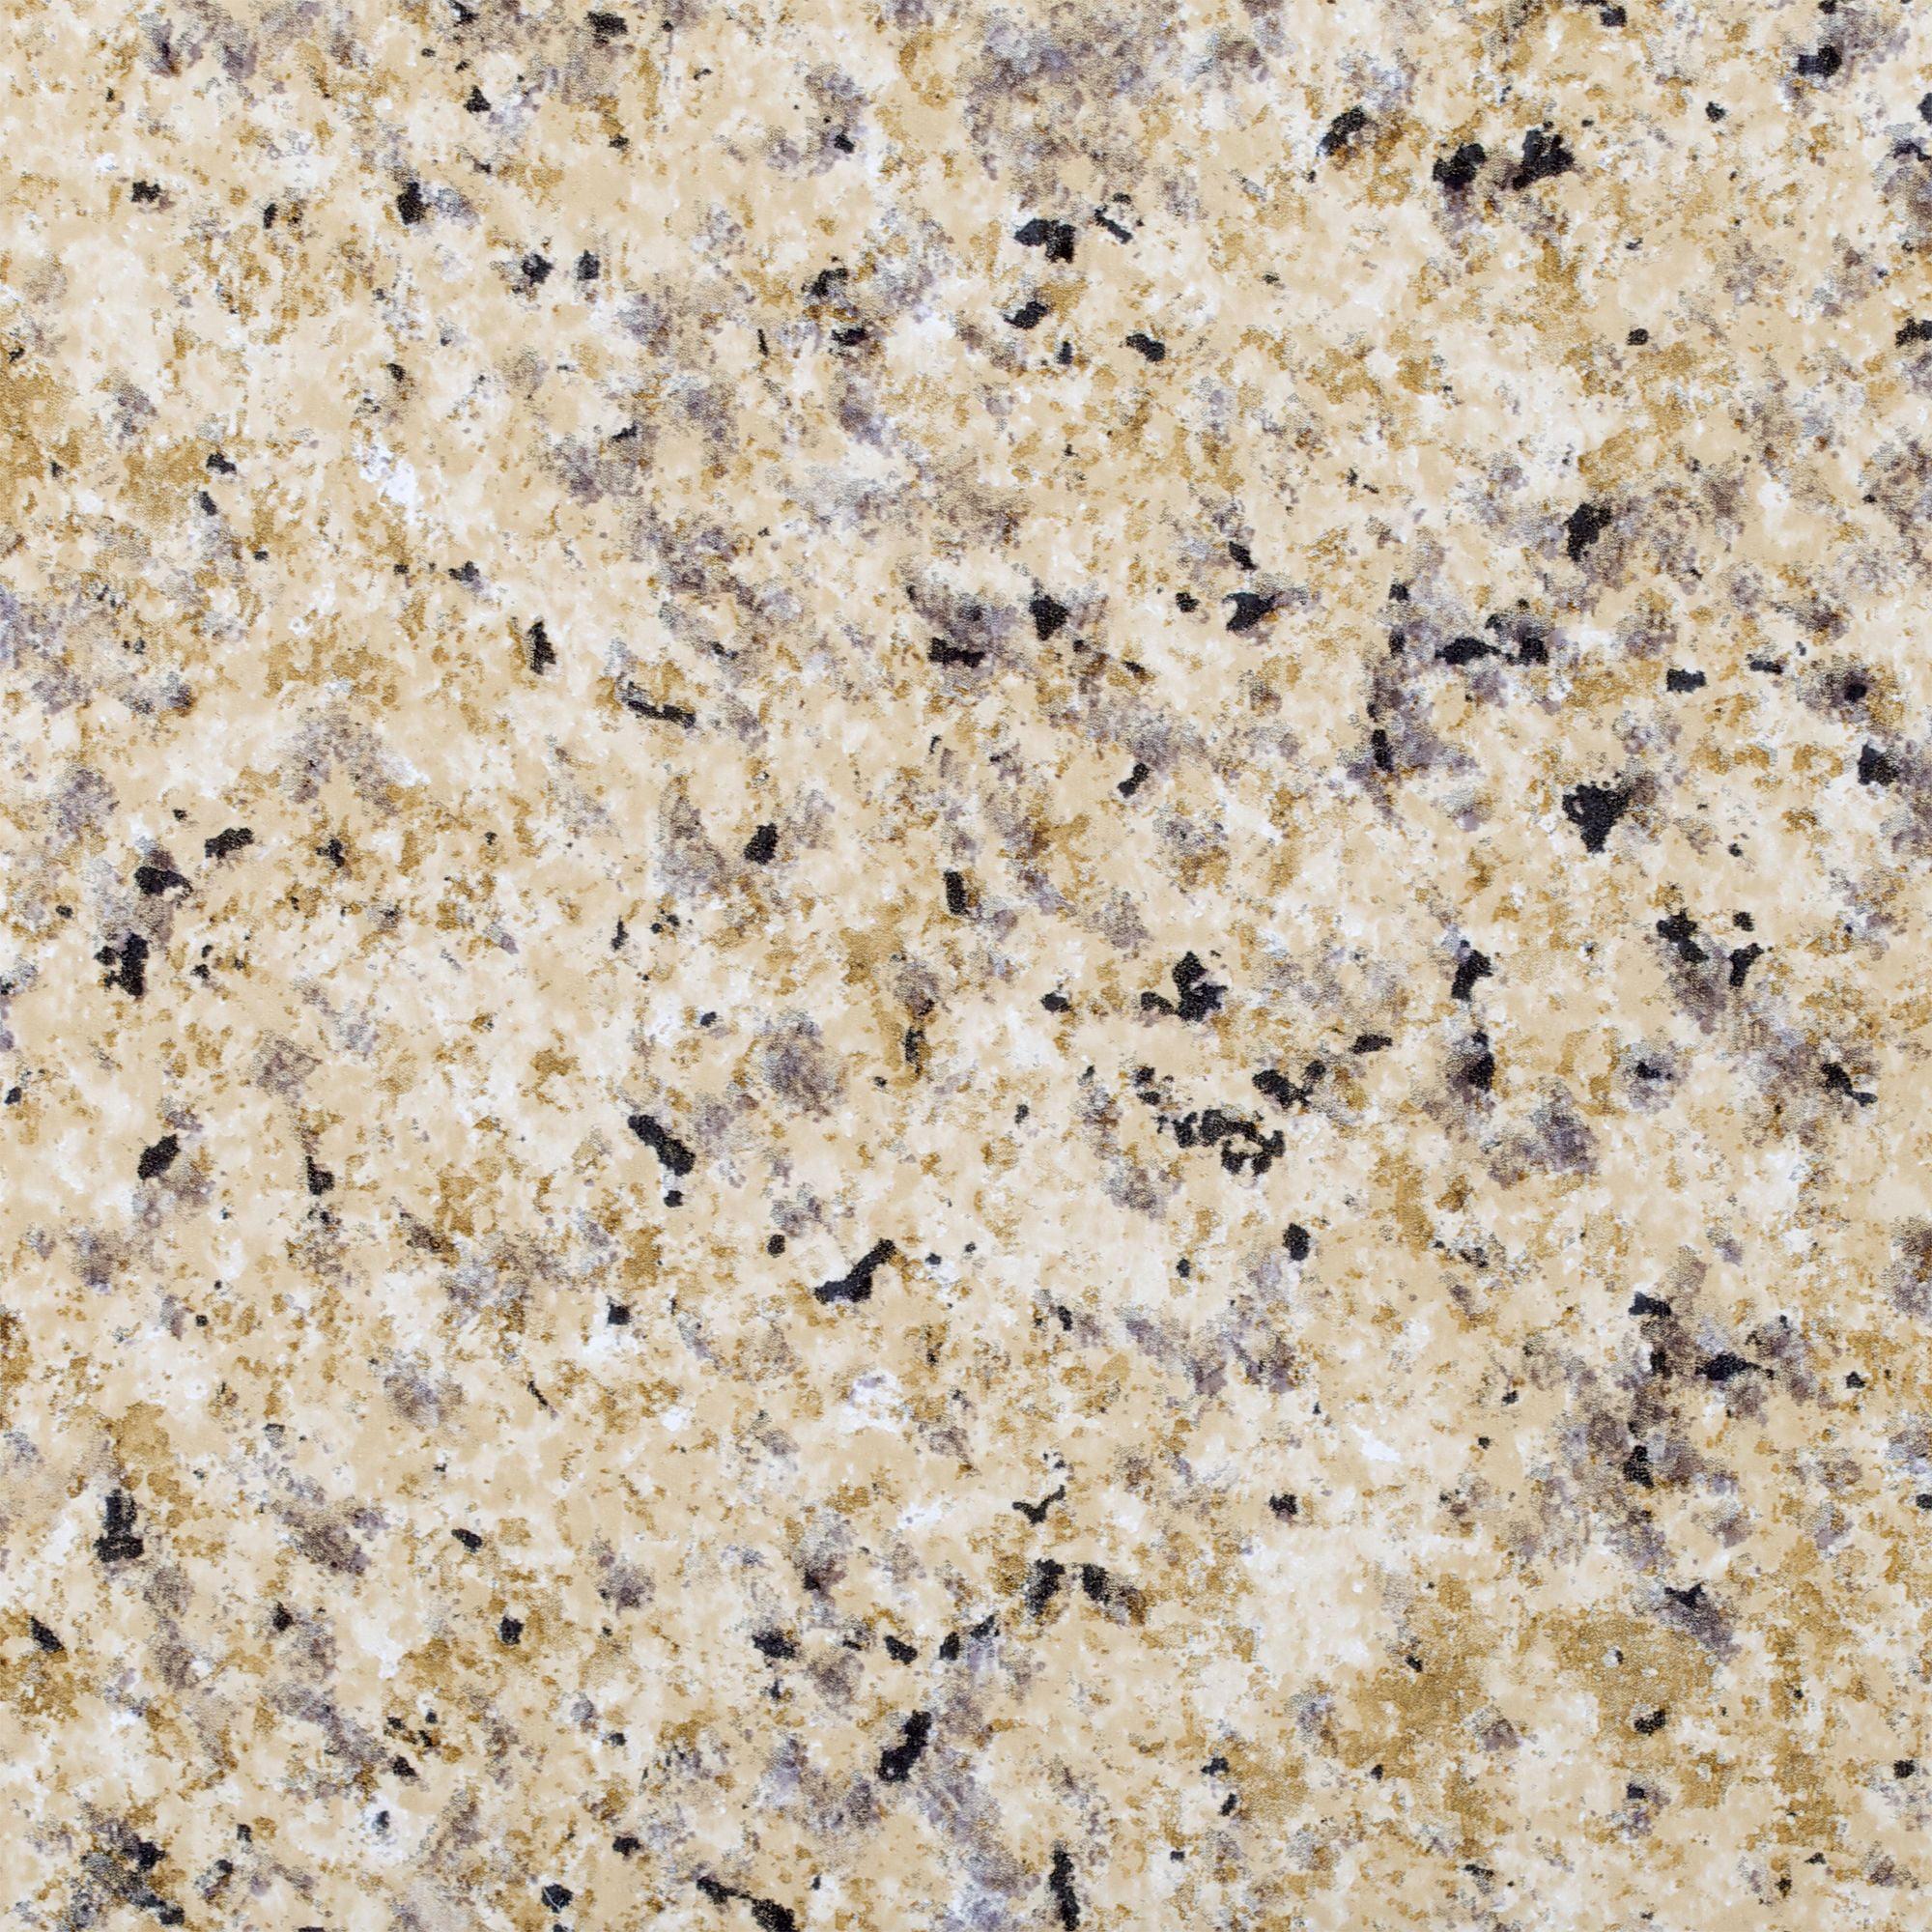 Adhesive For Granite Countertops | Zef Jam